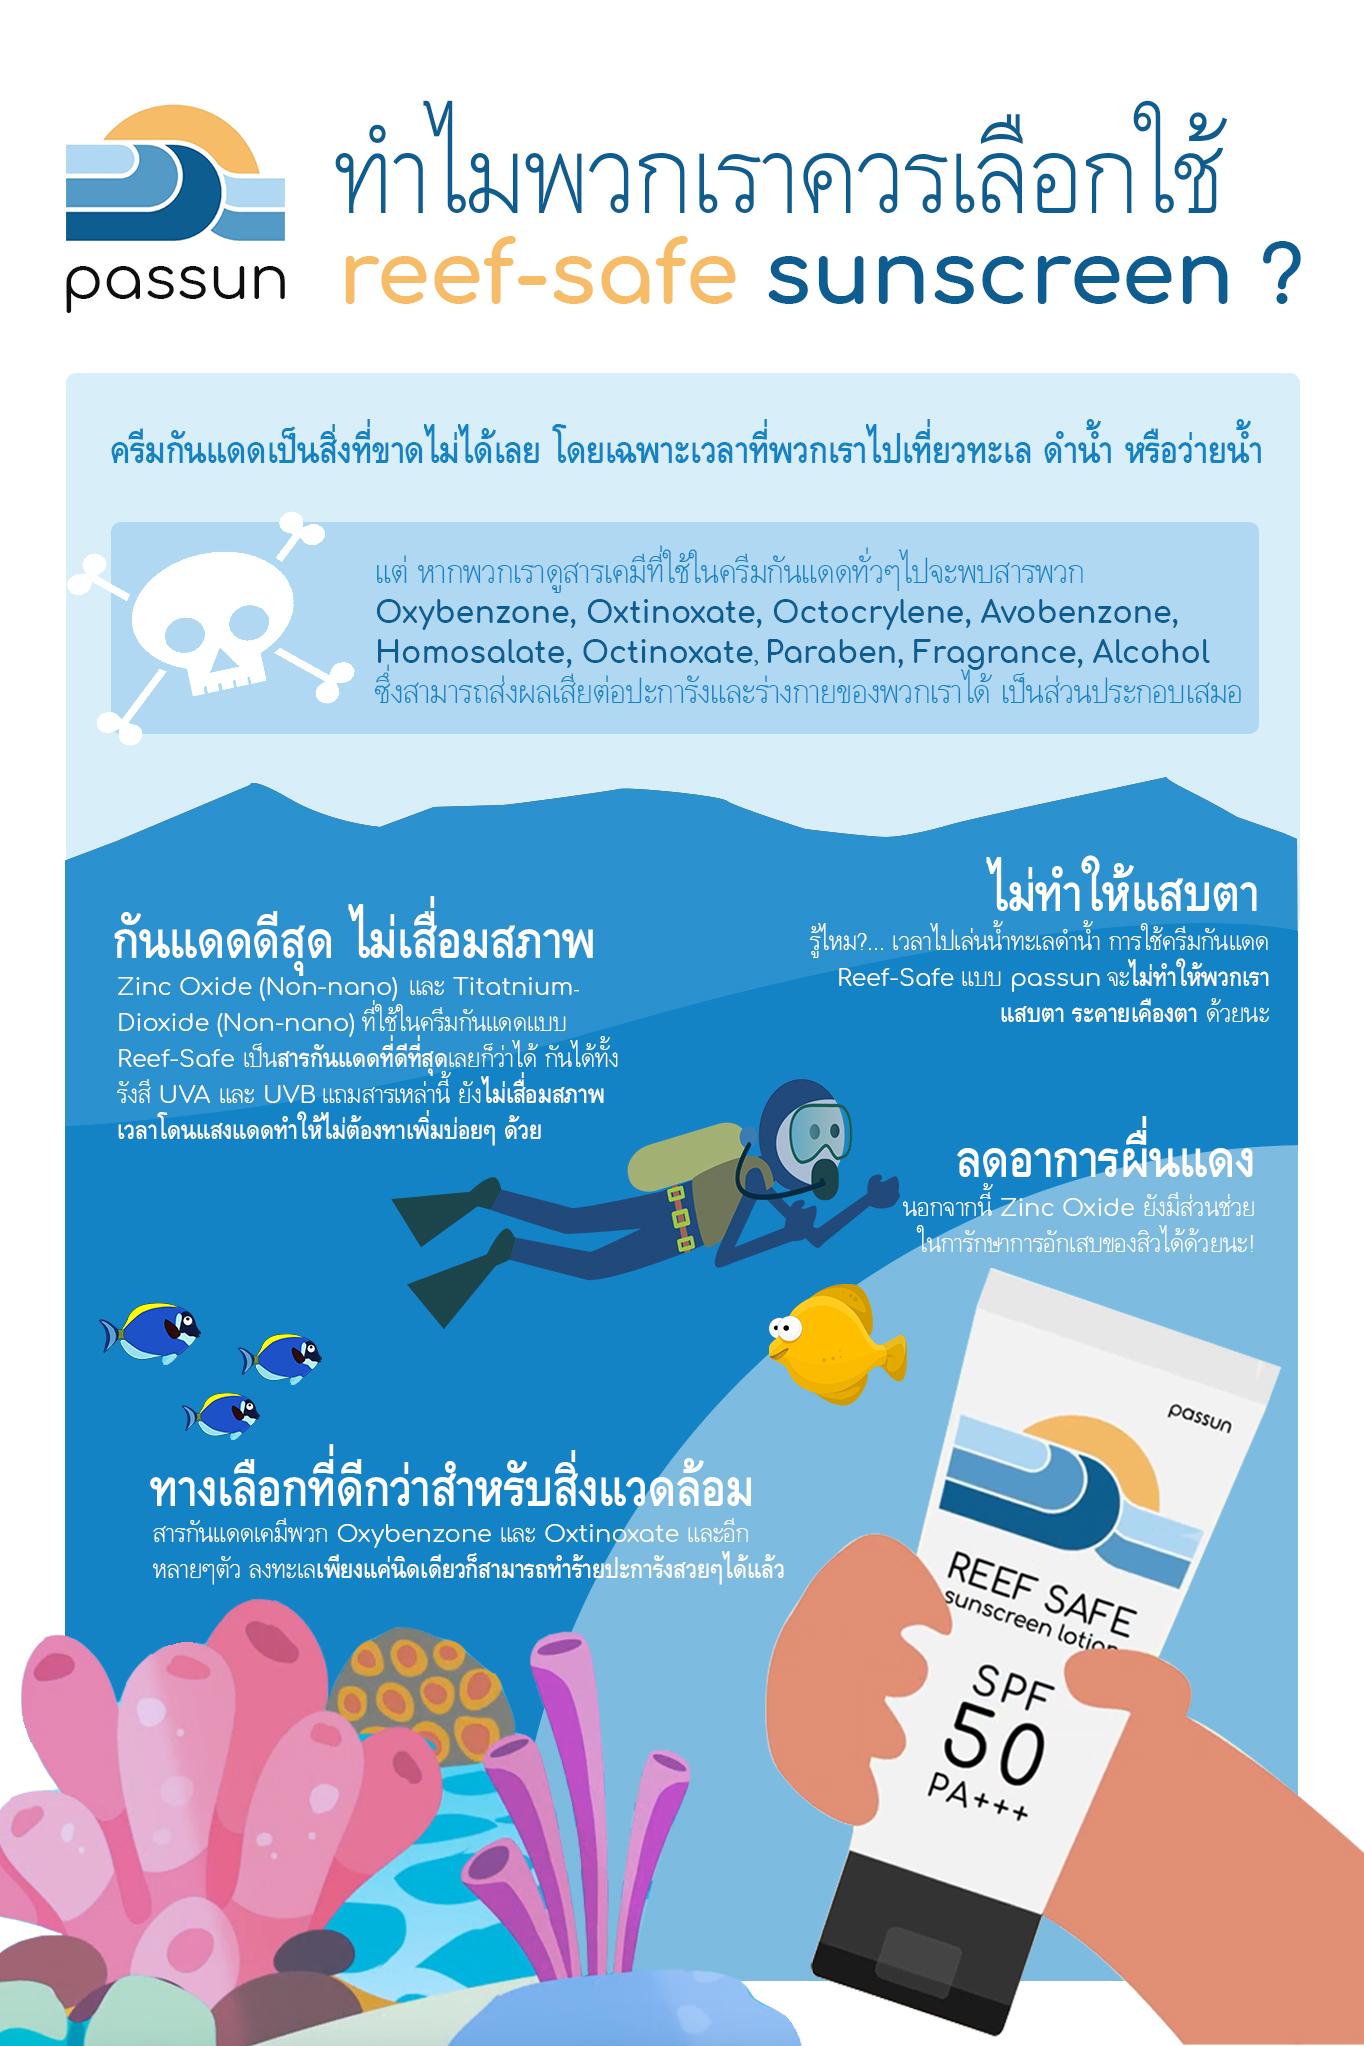 ทำไมจึงควรเลือกใช้ครีมกันแดด reef-safe